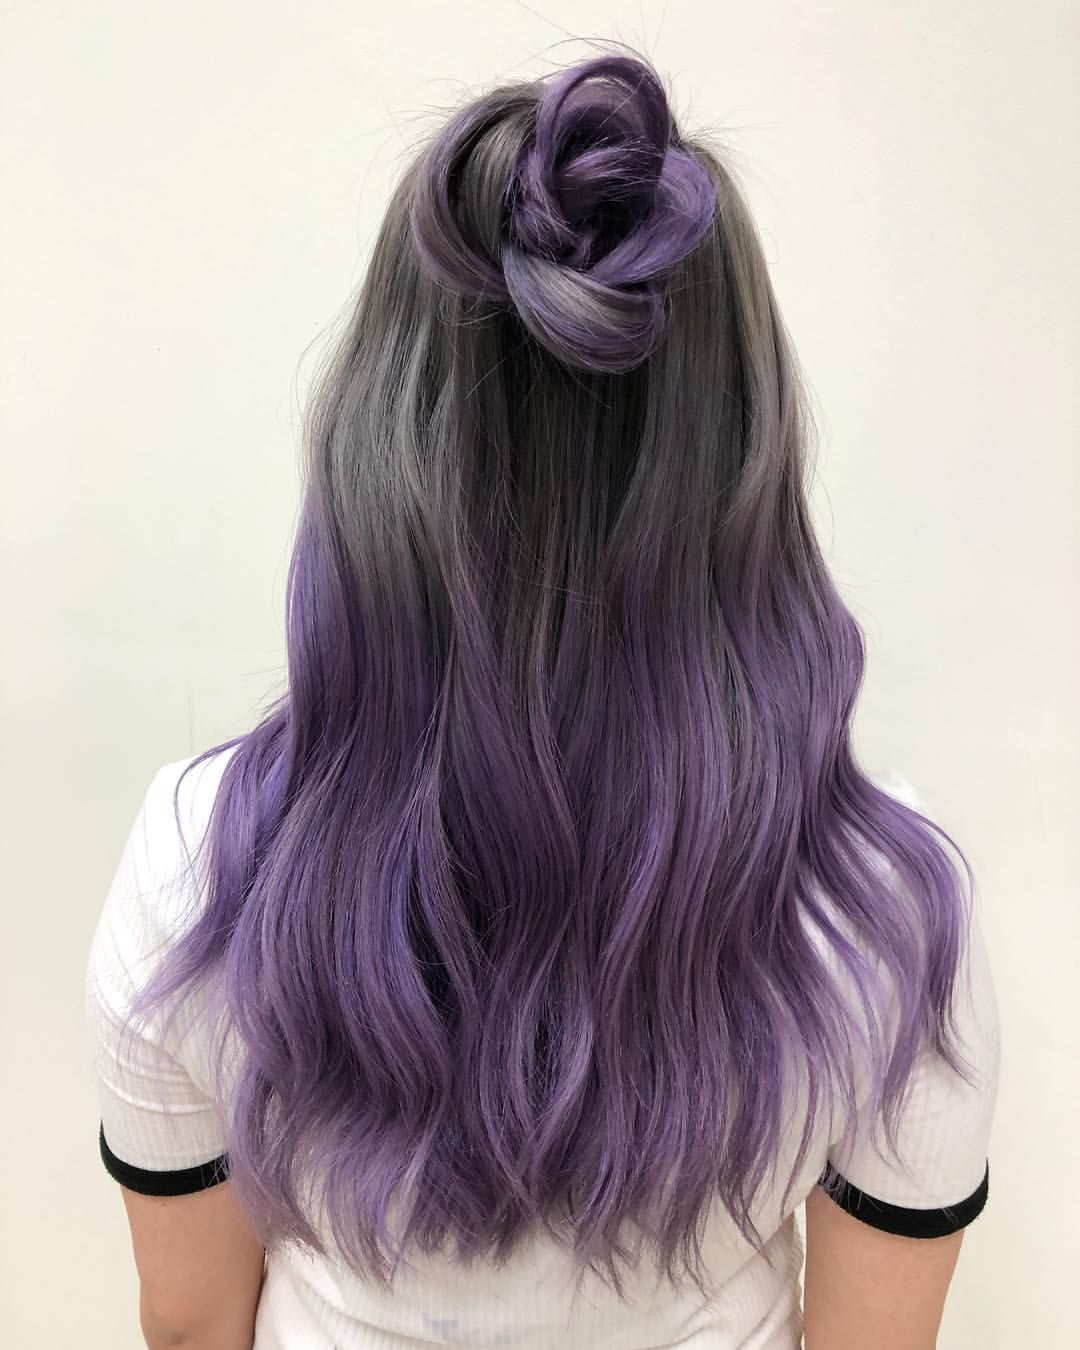 dress - Purple Pastel hair dip dye video